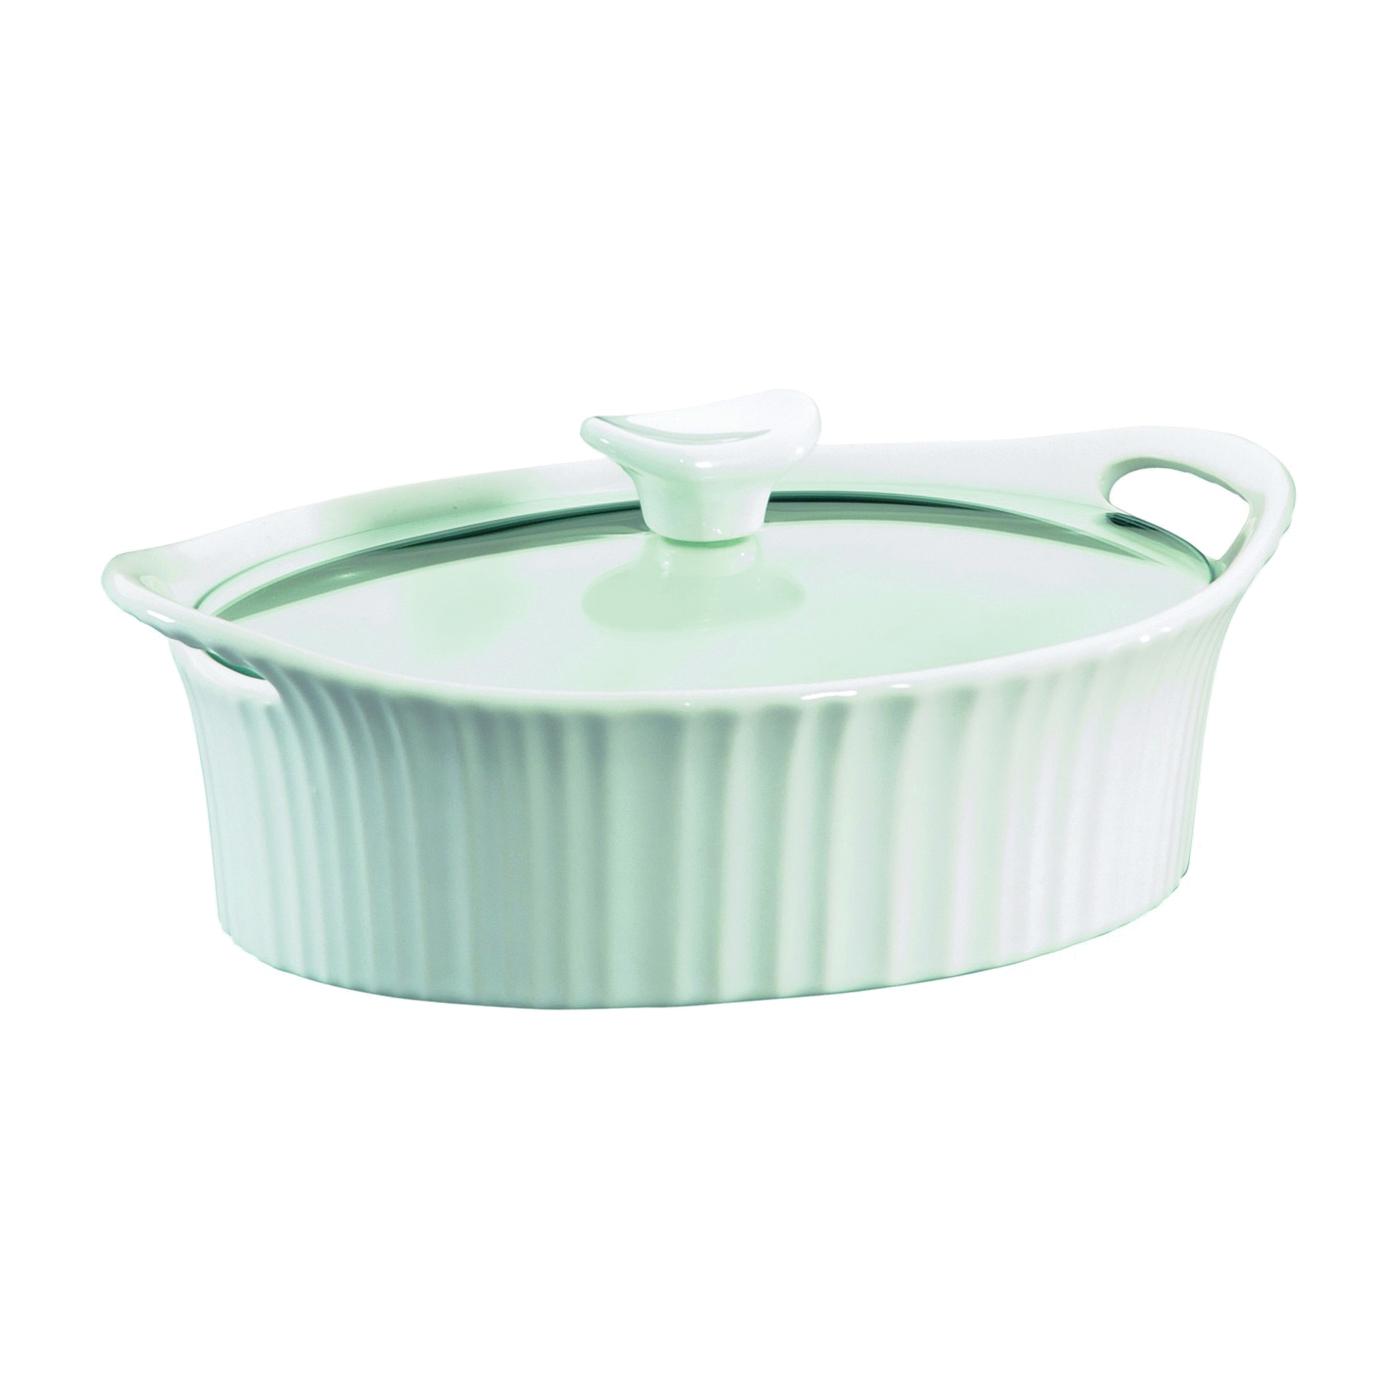 Picture of Corningware 1105929 Casserole Dish, 1.5 qt Capacity, Stoneware, French White, Dishwasher Safe: Yes